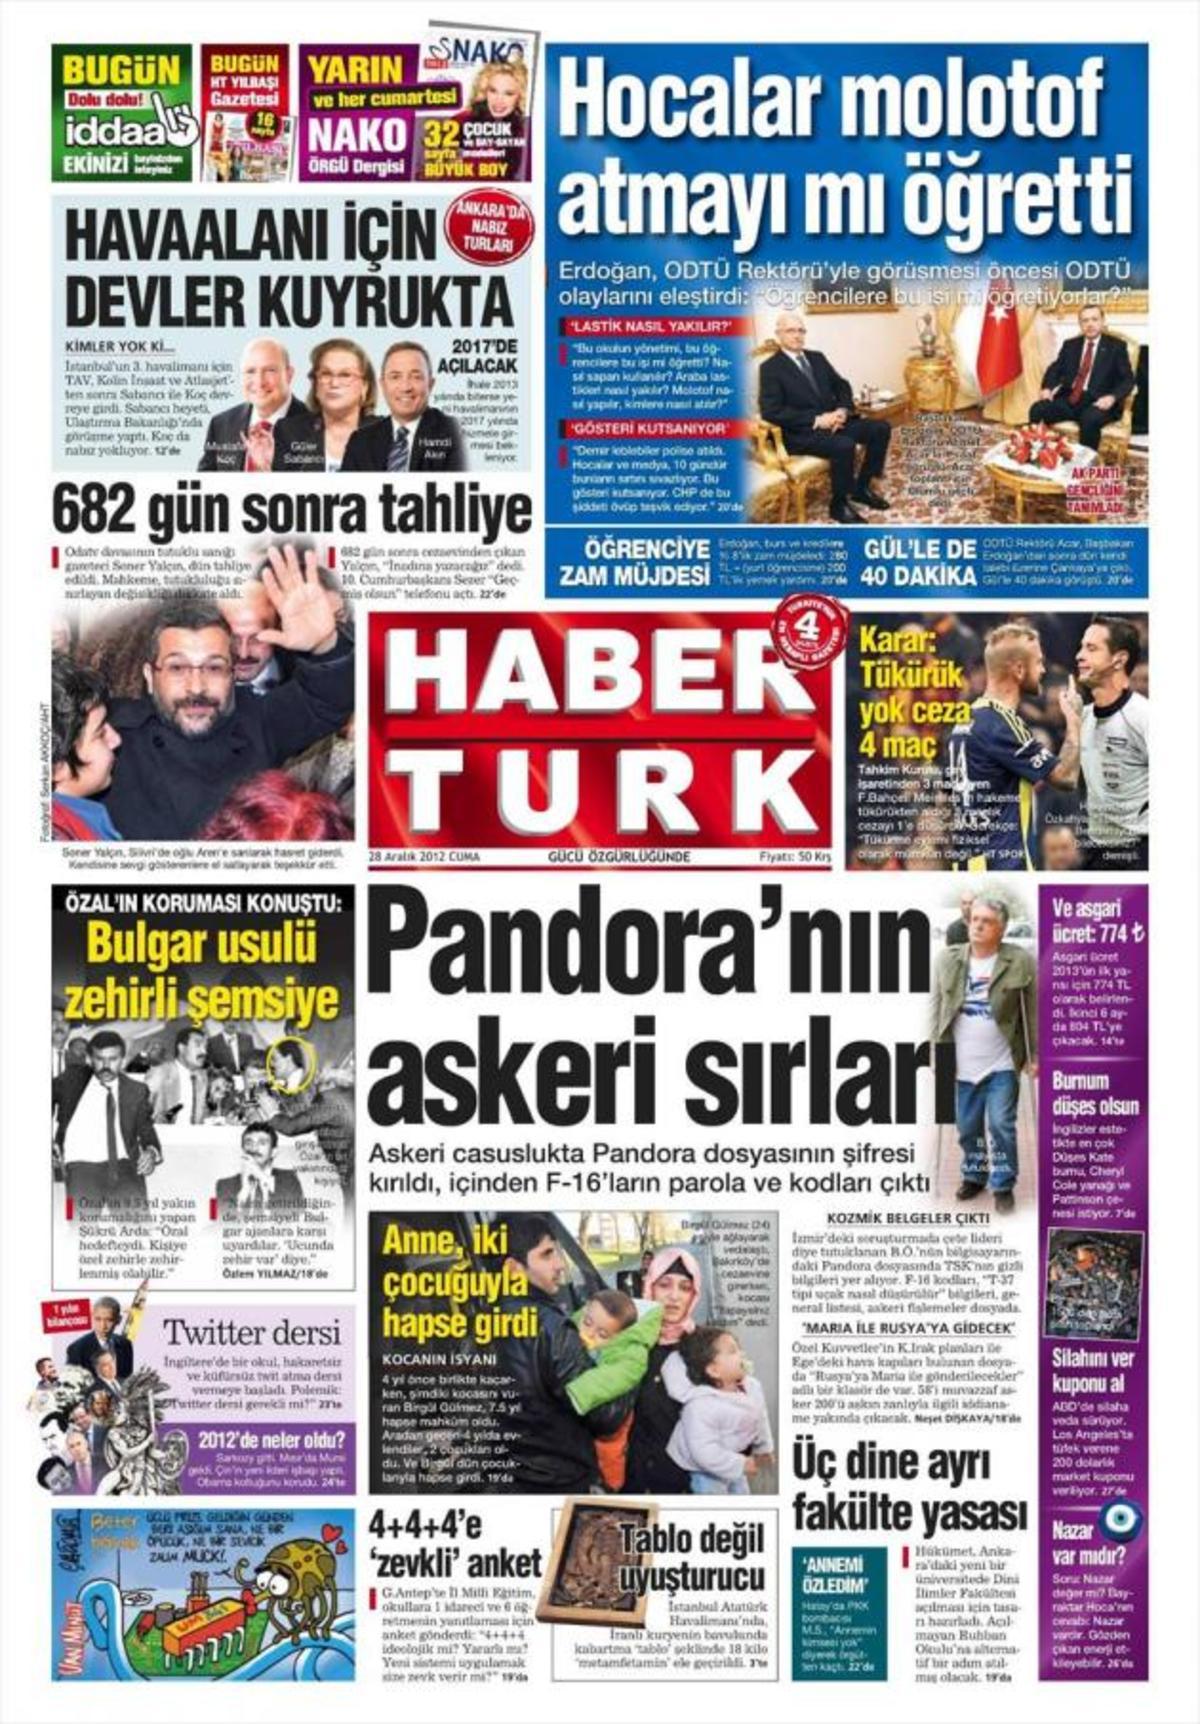 Τουρκία: Εμπλέκουν την Ελλάδα σε κύκλωμα πρακτόρων | Newsit.gr